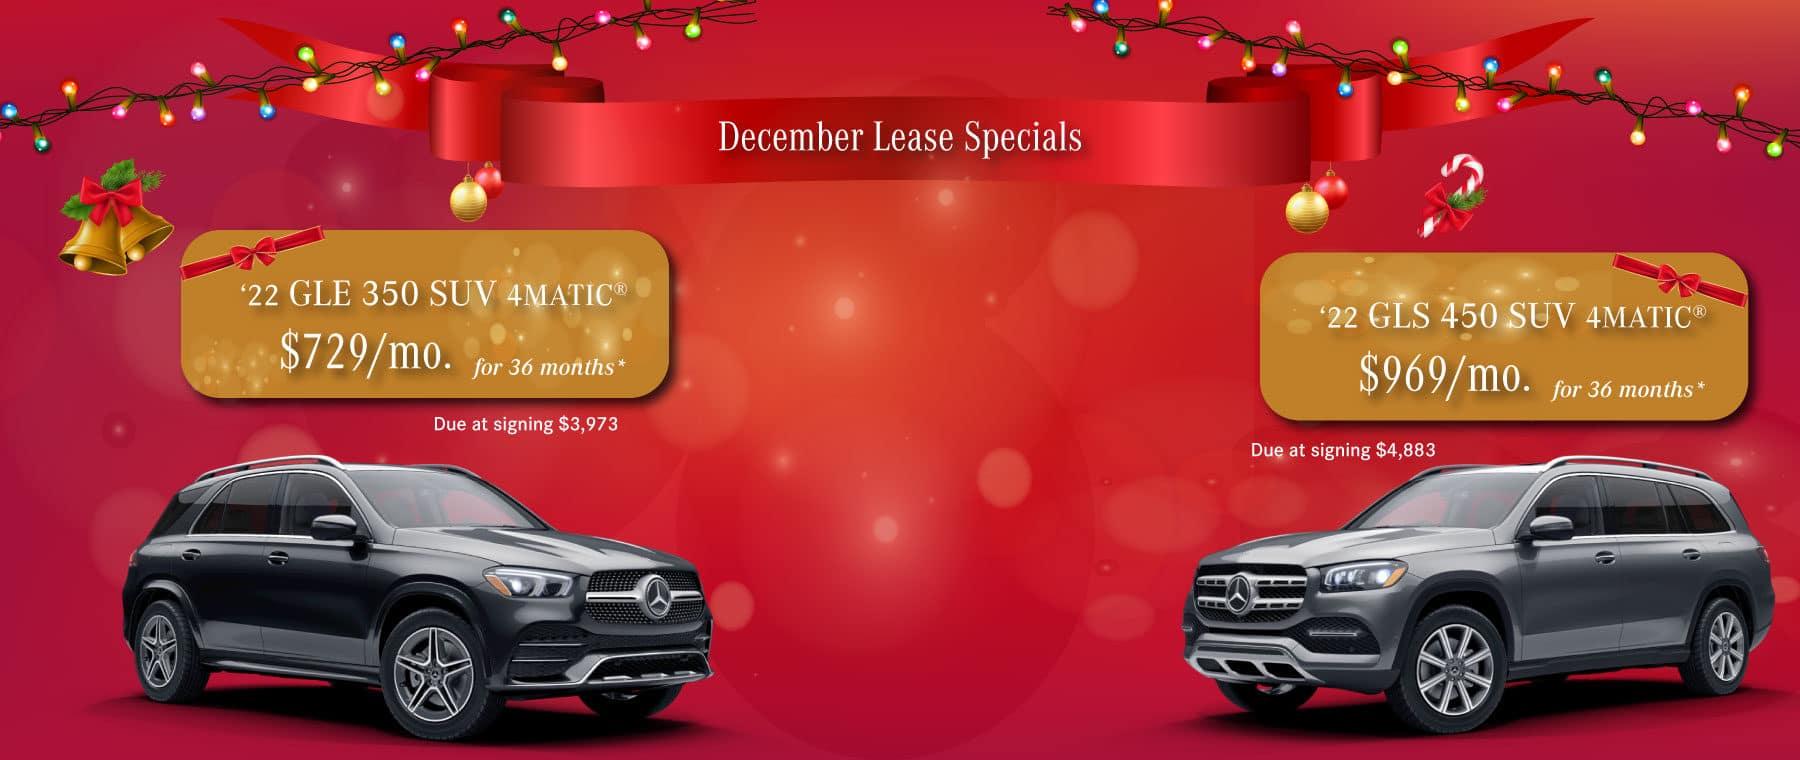 Mercedes-Benz of Atlantic City new 2021 mercedes-benz lease specials